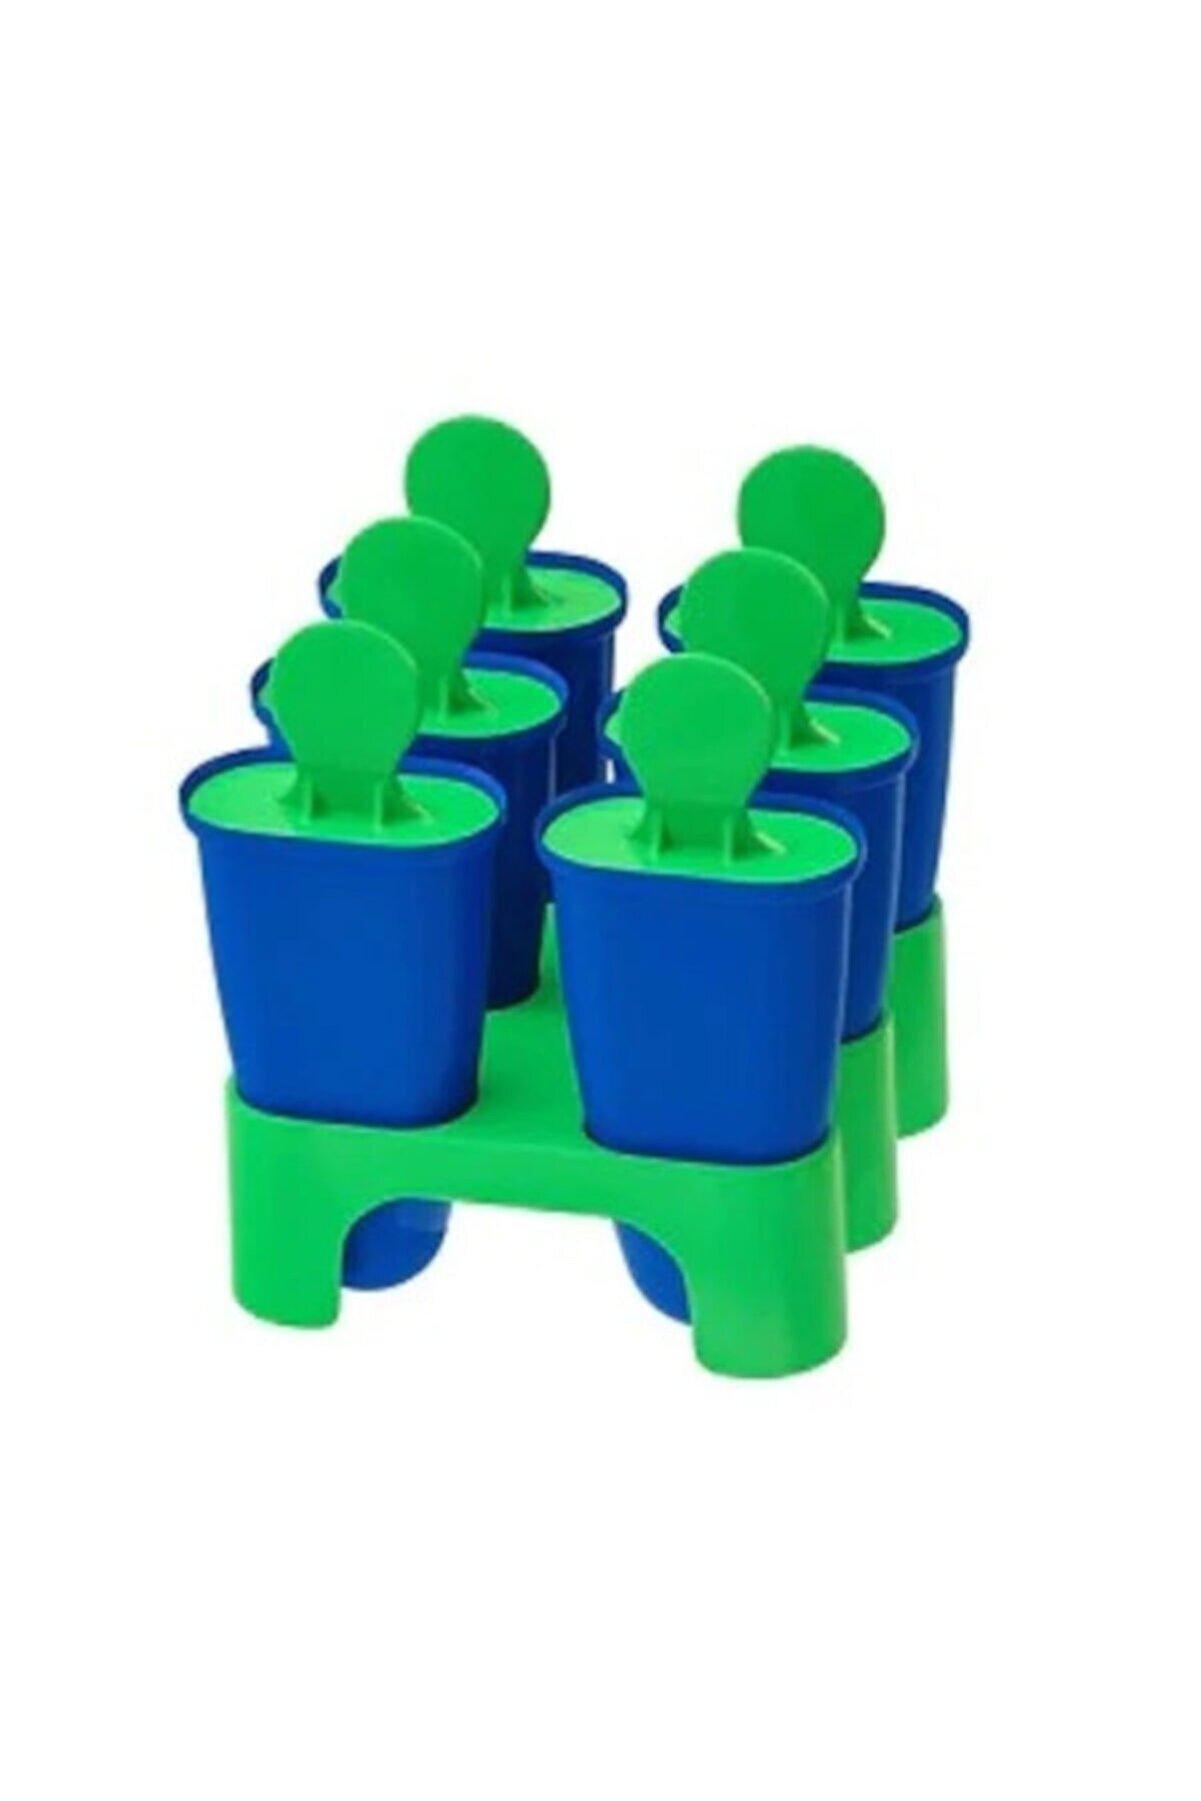 IKEA Dondurma Kalıbı Meridyendukkan 6lı 10 Cm Mavi-yeşil Renk